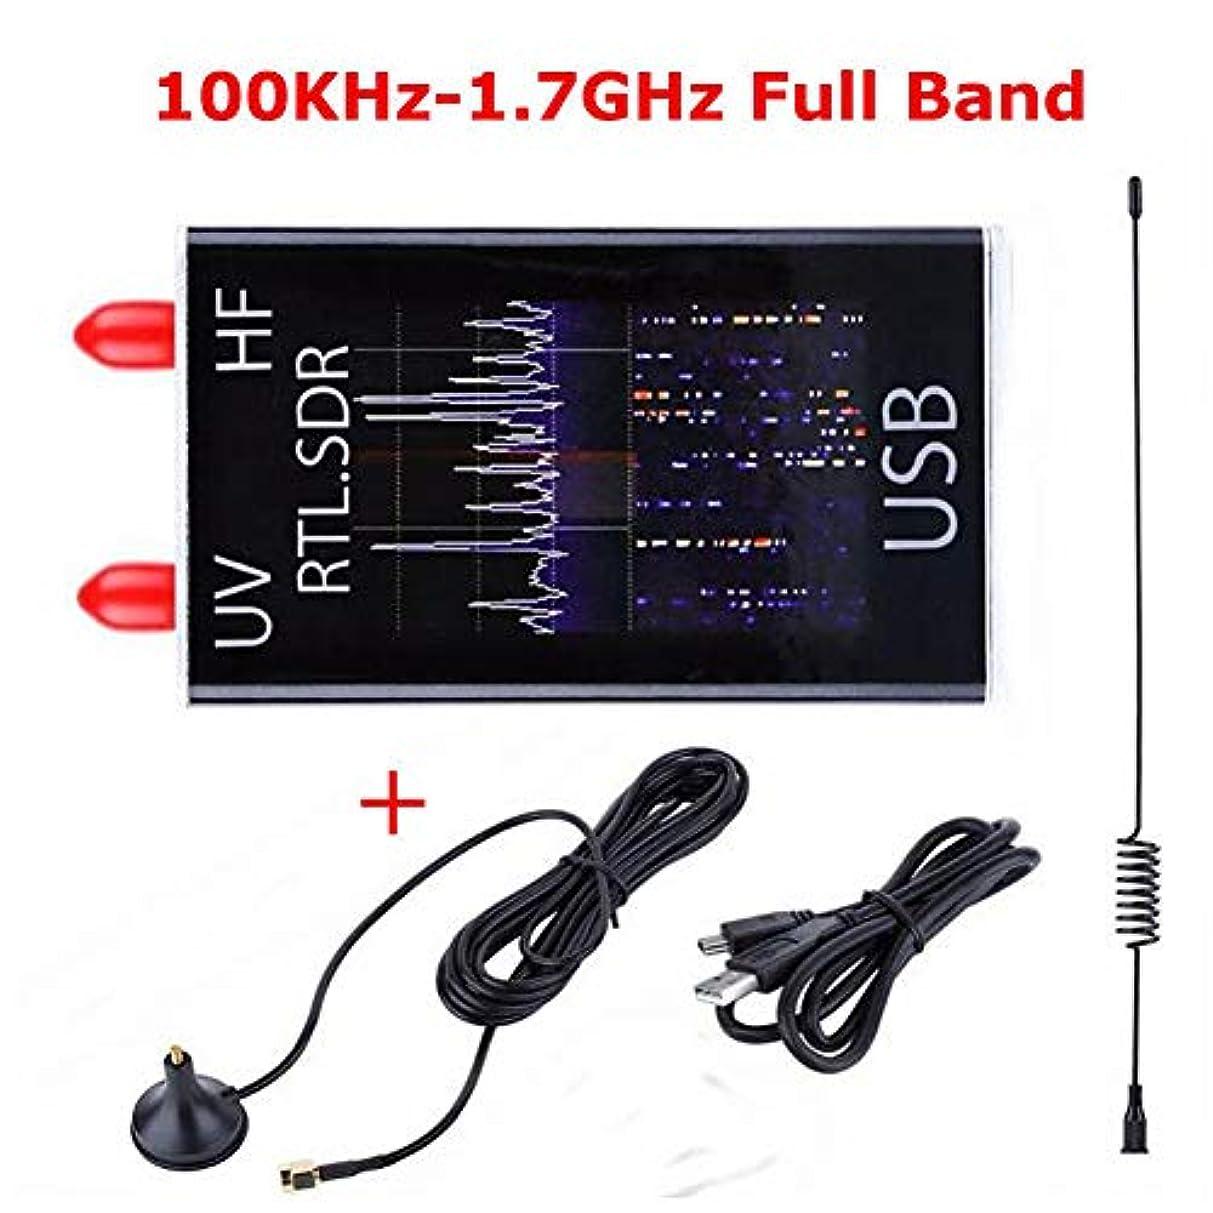 雄大な今日バンドルACHICOO 100KHz?1.7GHzフルバンドUV HF RTL-SDR USBチューナーレシーバ/ R820T + 8232ハムラジオ